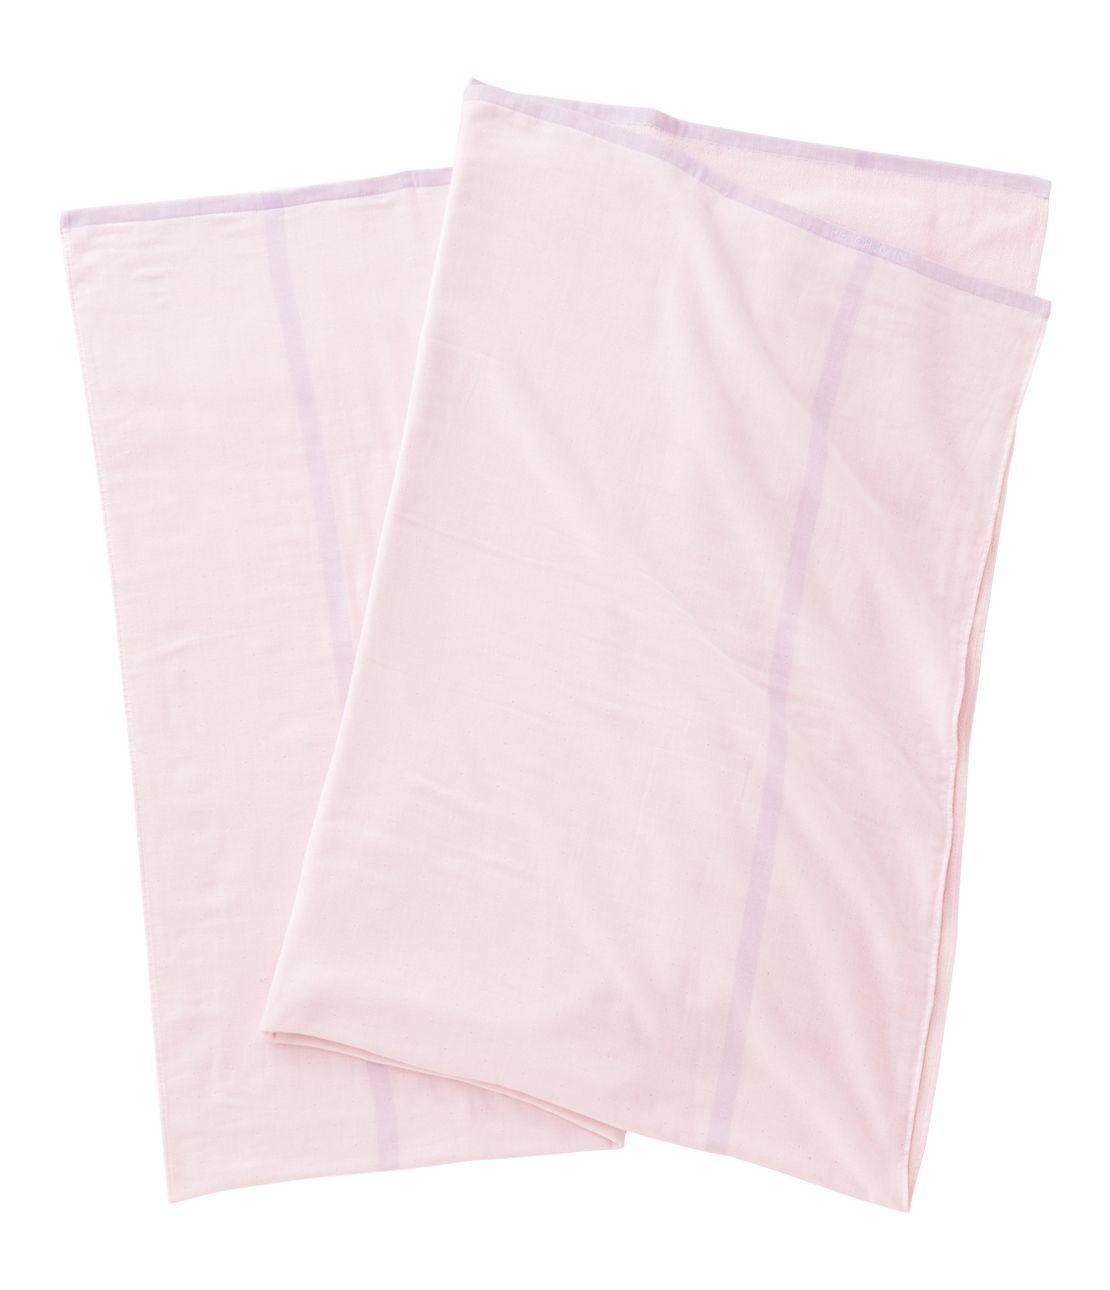 好ZZZ水电银钛(R)毛巾